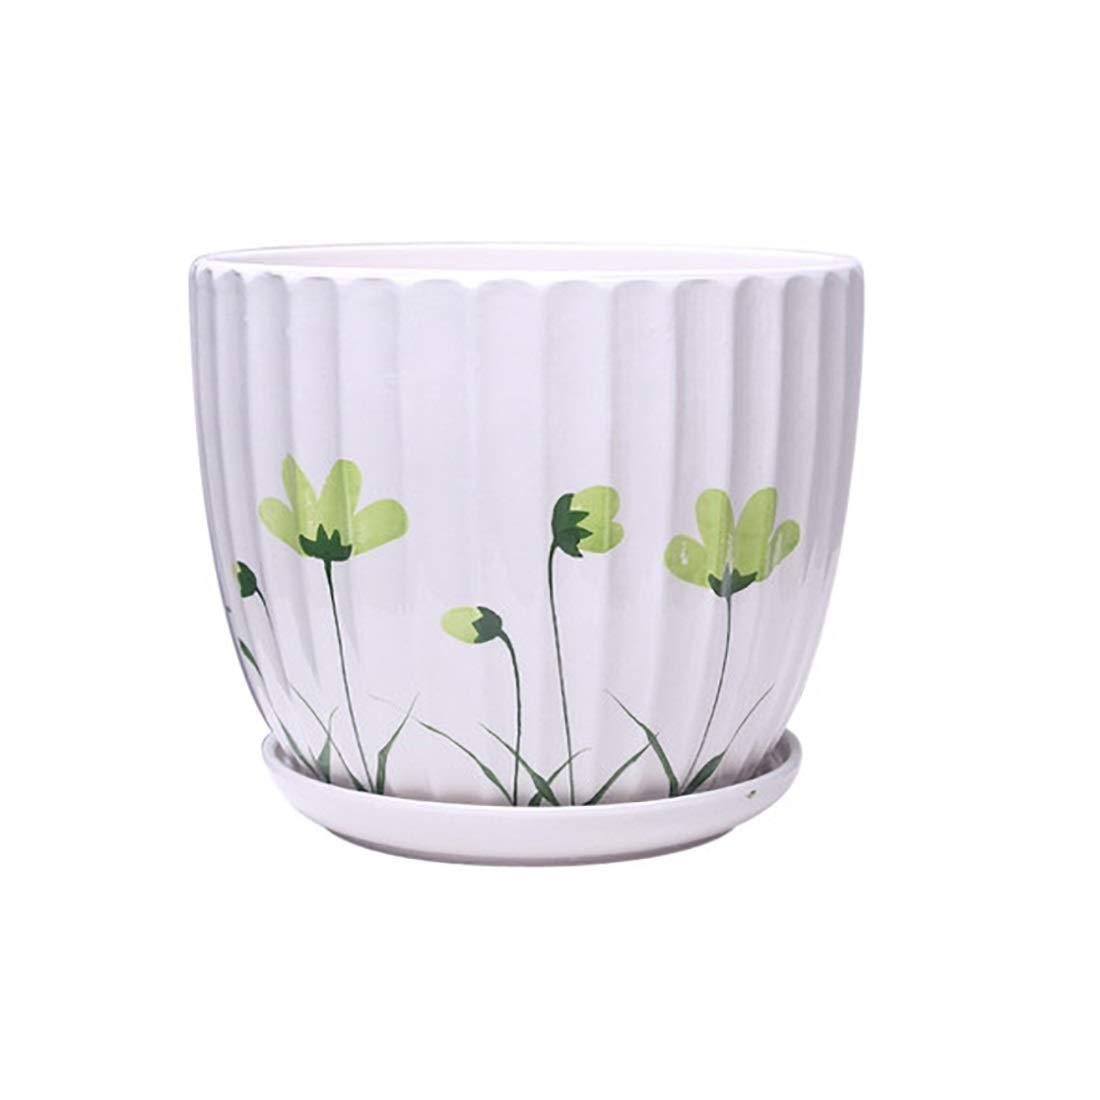 Zhi lian® 2つの大きなセラミックフラワーポットホーム屋内と屋外の植物ポットを植えるシンプルなファッション通気性花鉢 (色 : A)  A B07MDY6KRZ